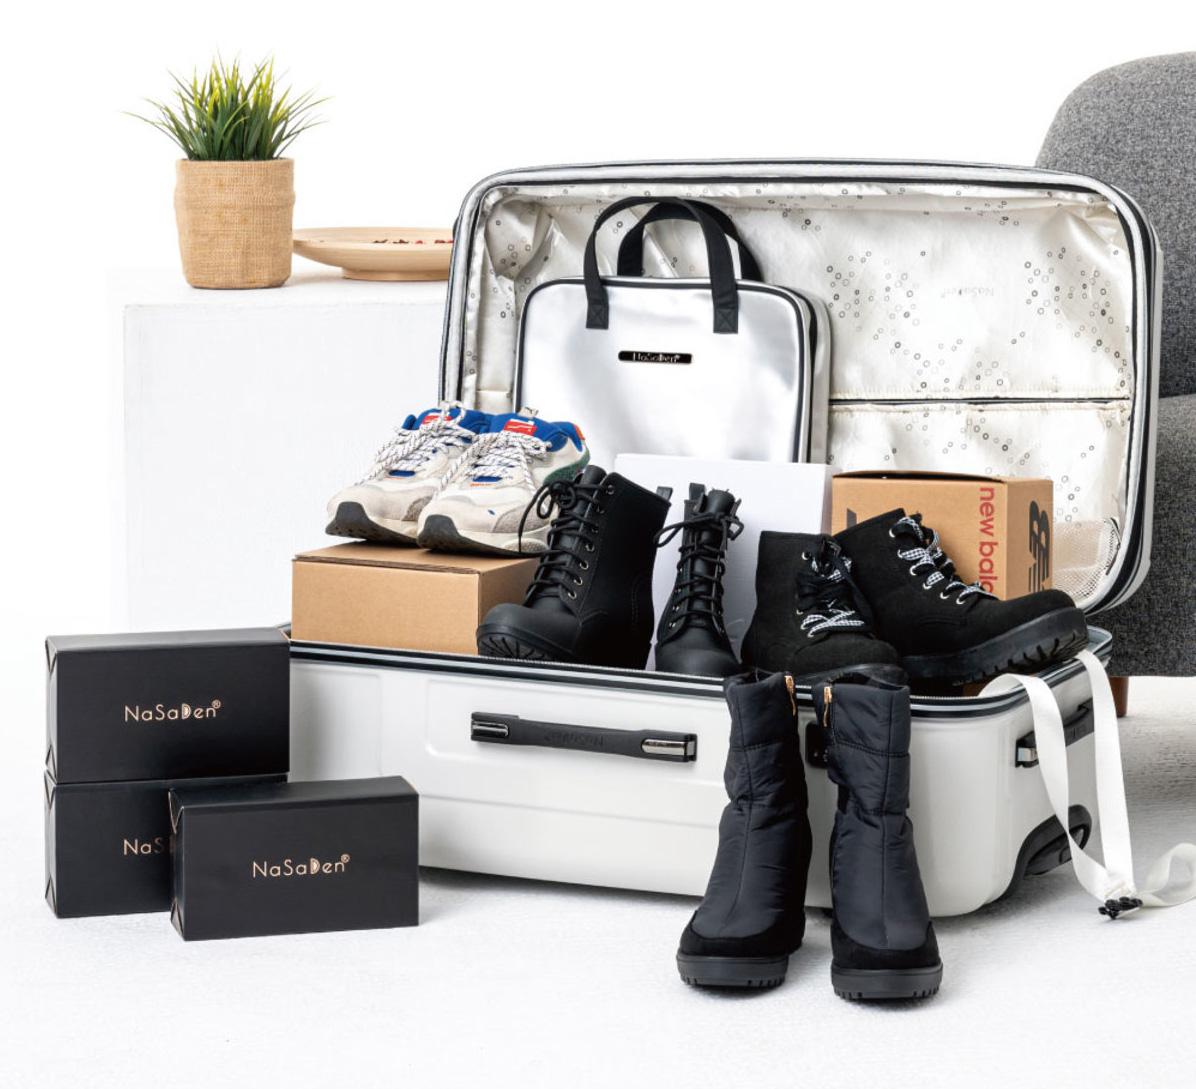 NaSaDen納莎登,行李箱,納莎登,行李箱團購,最低價行李箱,德國NaSaDen納莎登,無憂系列,超輕量拉行李箱,團購特價,登霍亨索倫系列,胖胖箱,小冰箱